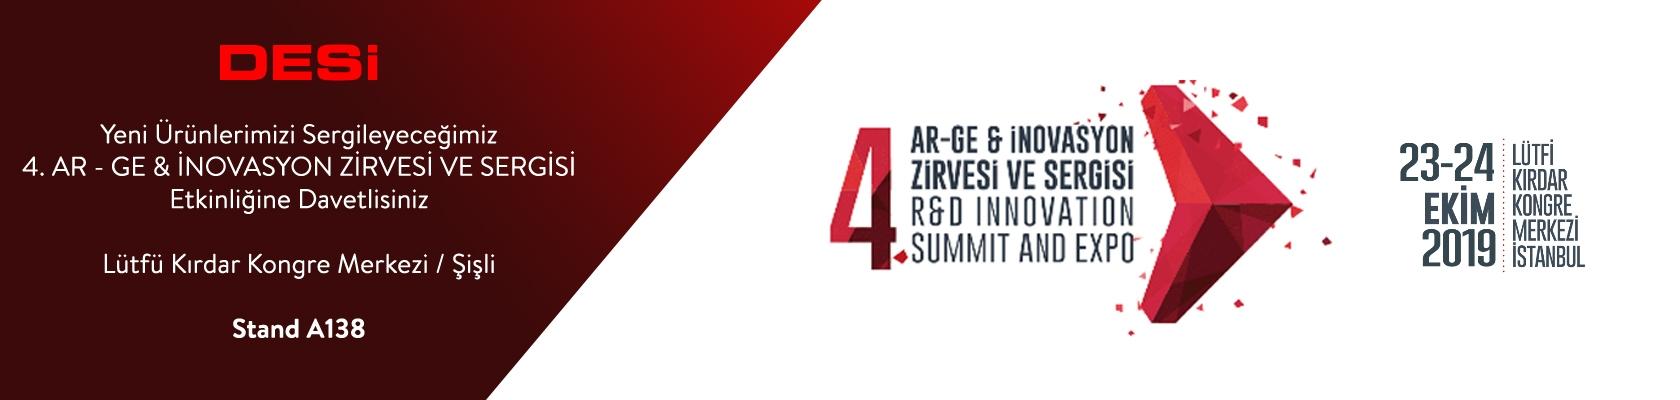 4. Ar - Ge & İnvovasyon Zirvesi ve Sergisi 2019